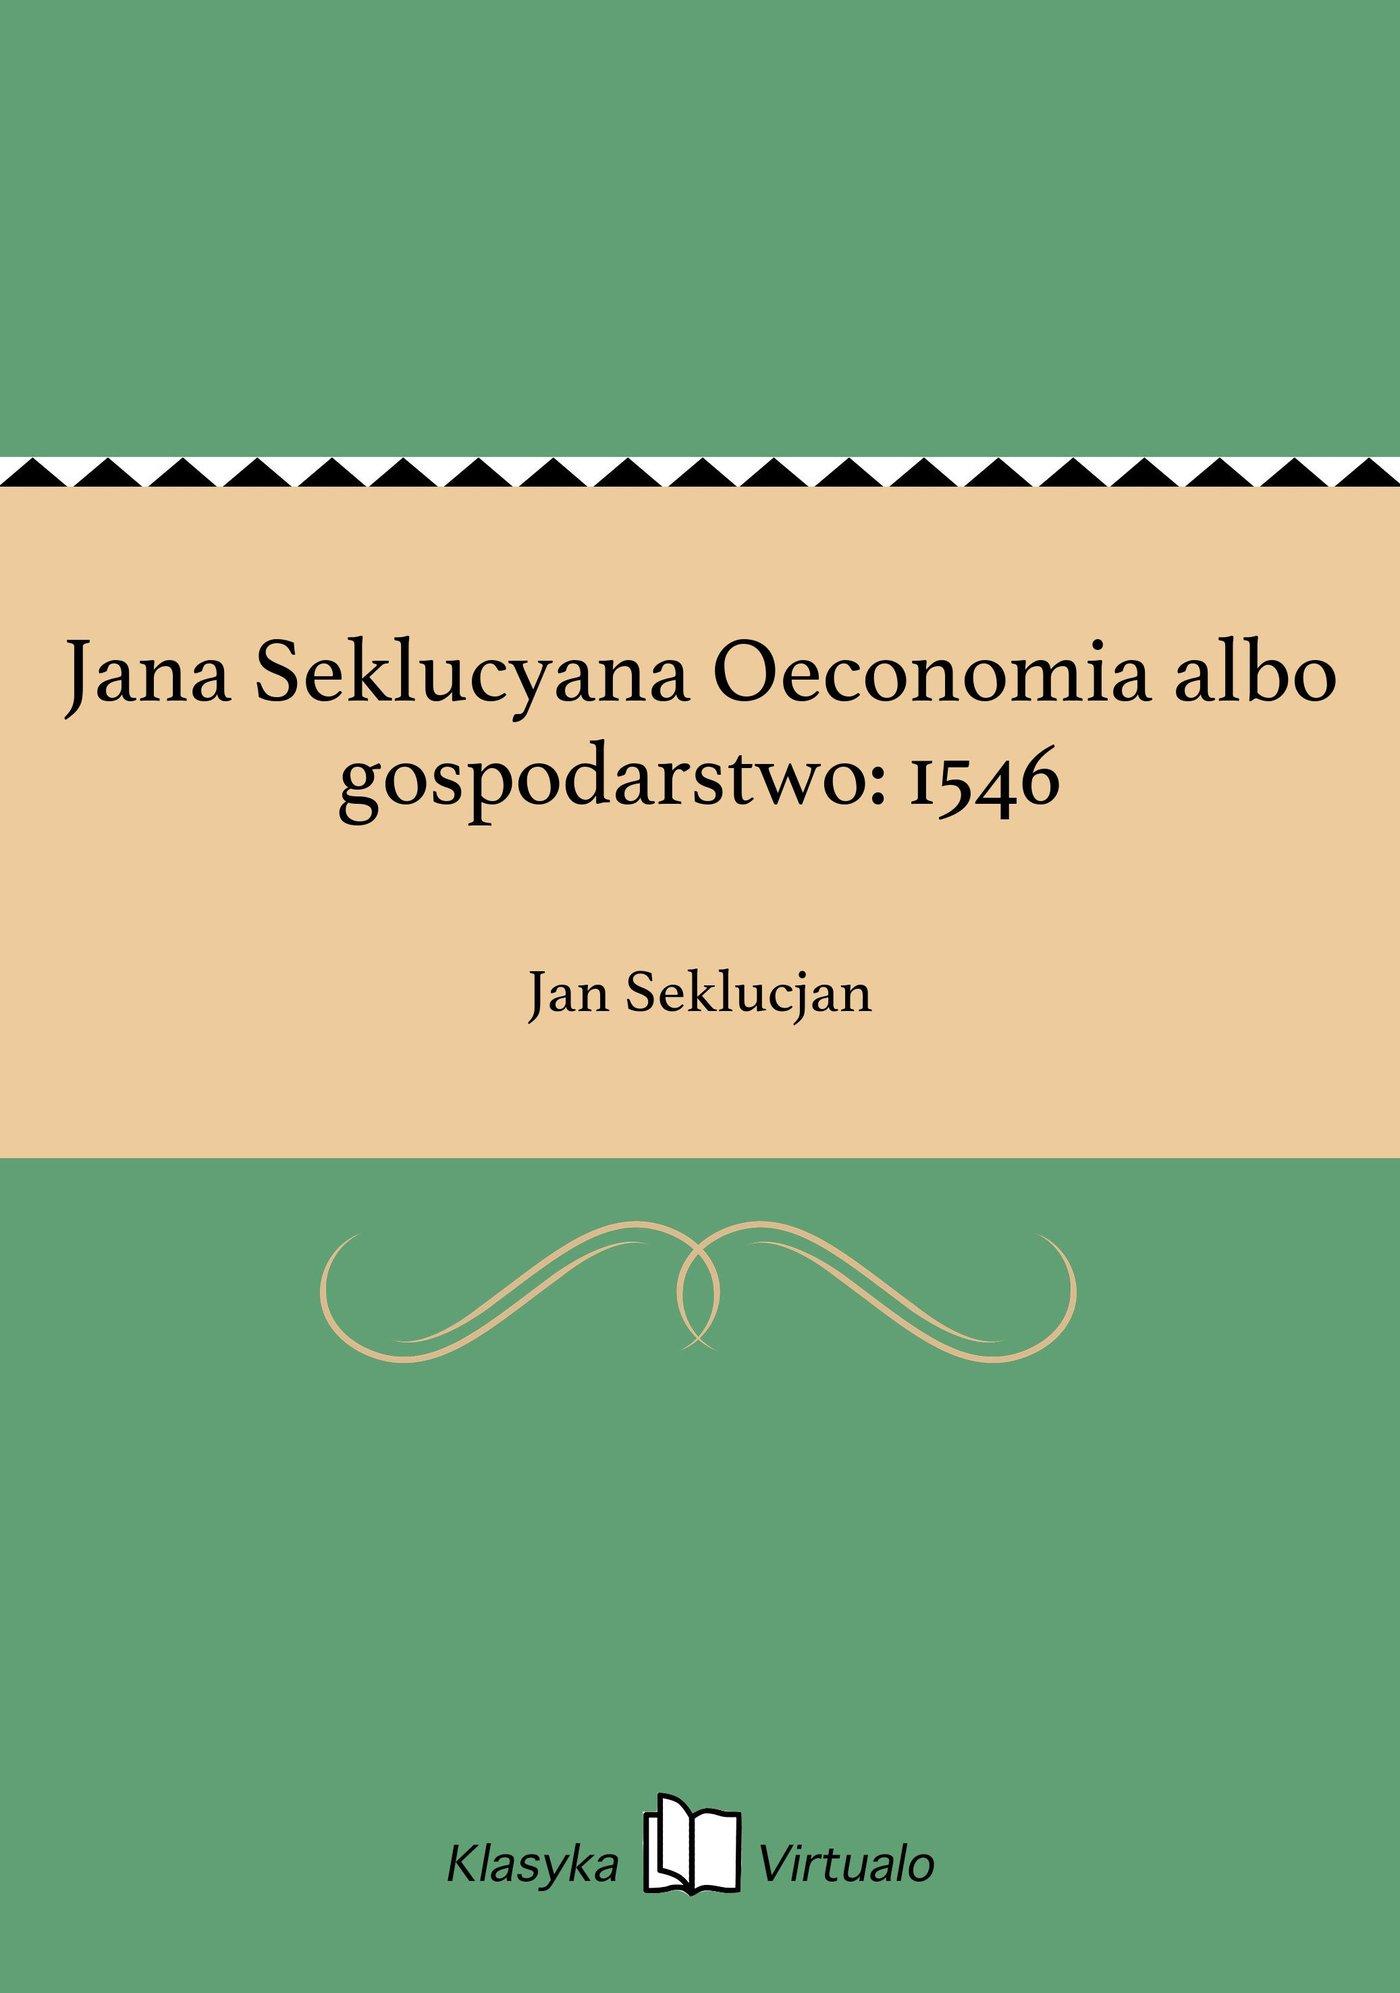 Jana Seklucyana Oeconomia albo gospodarstwo: 1546 - Ebook (Książka EPUB) do pobrania w formacie EPUB